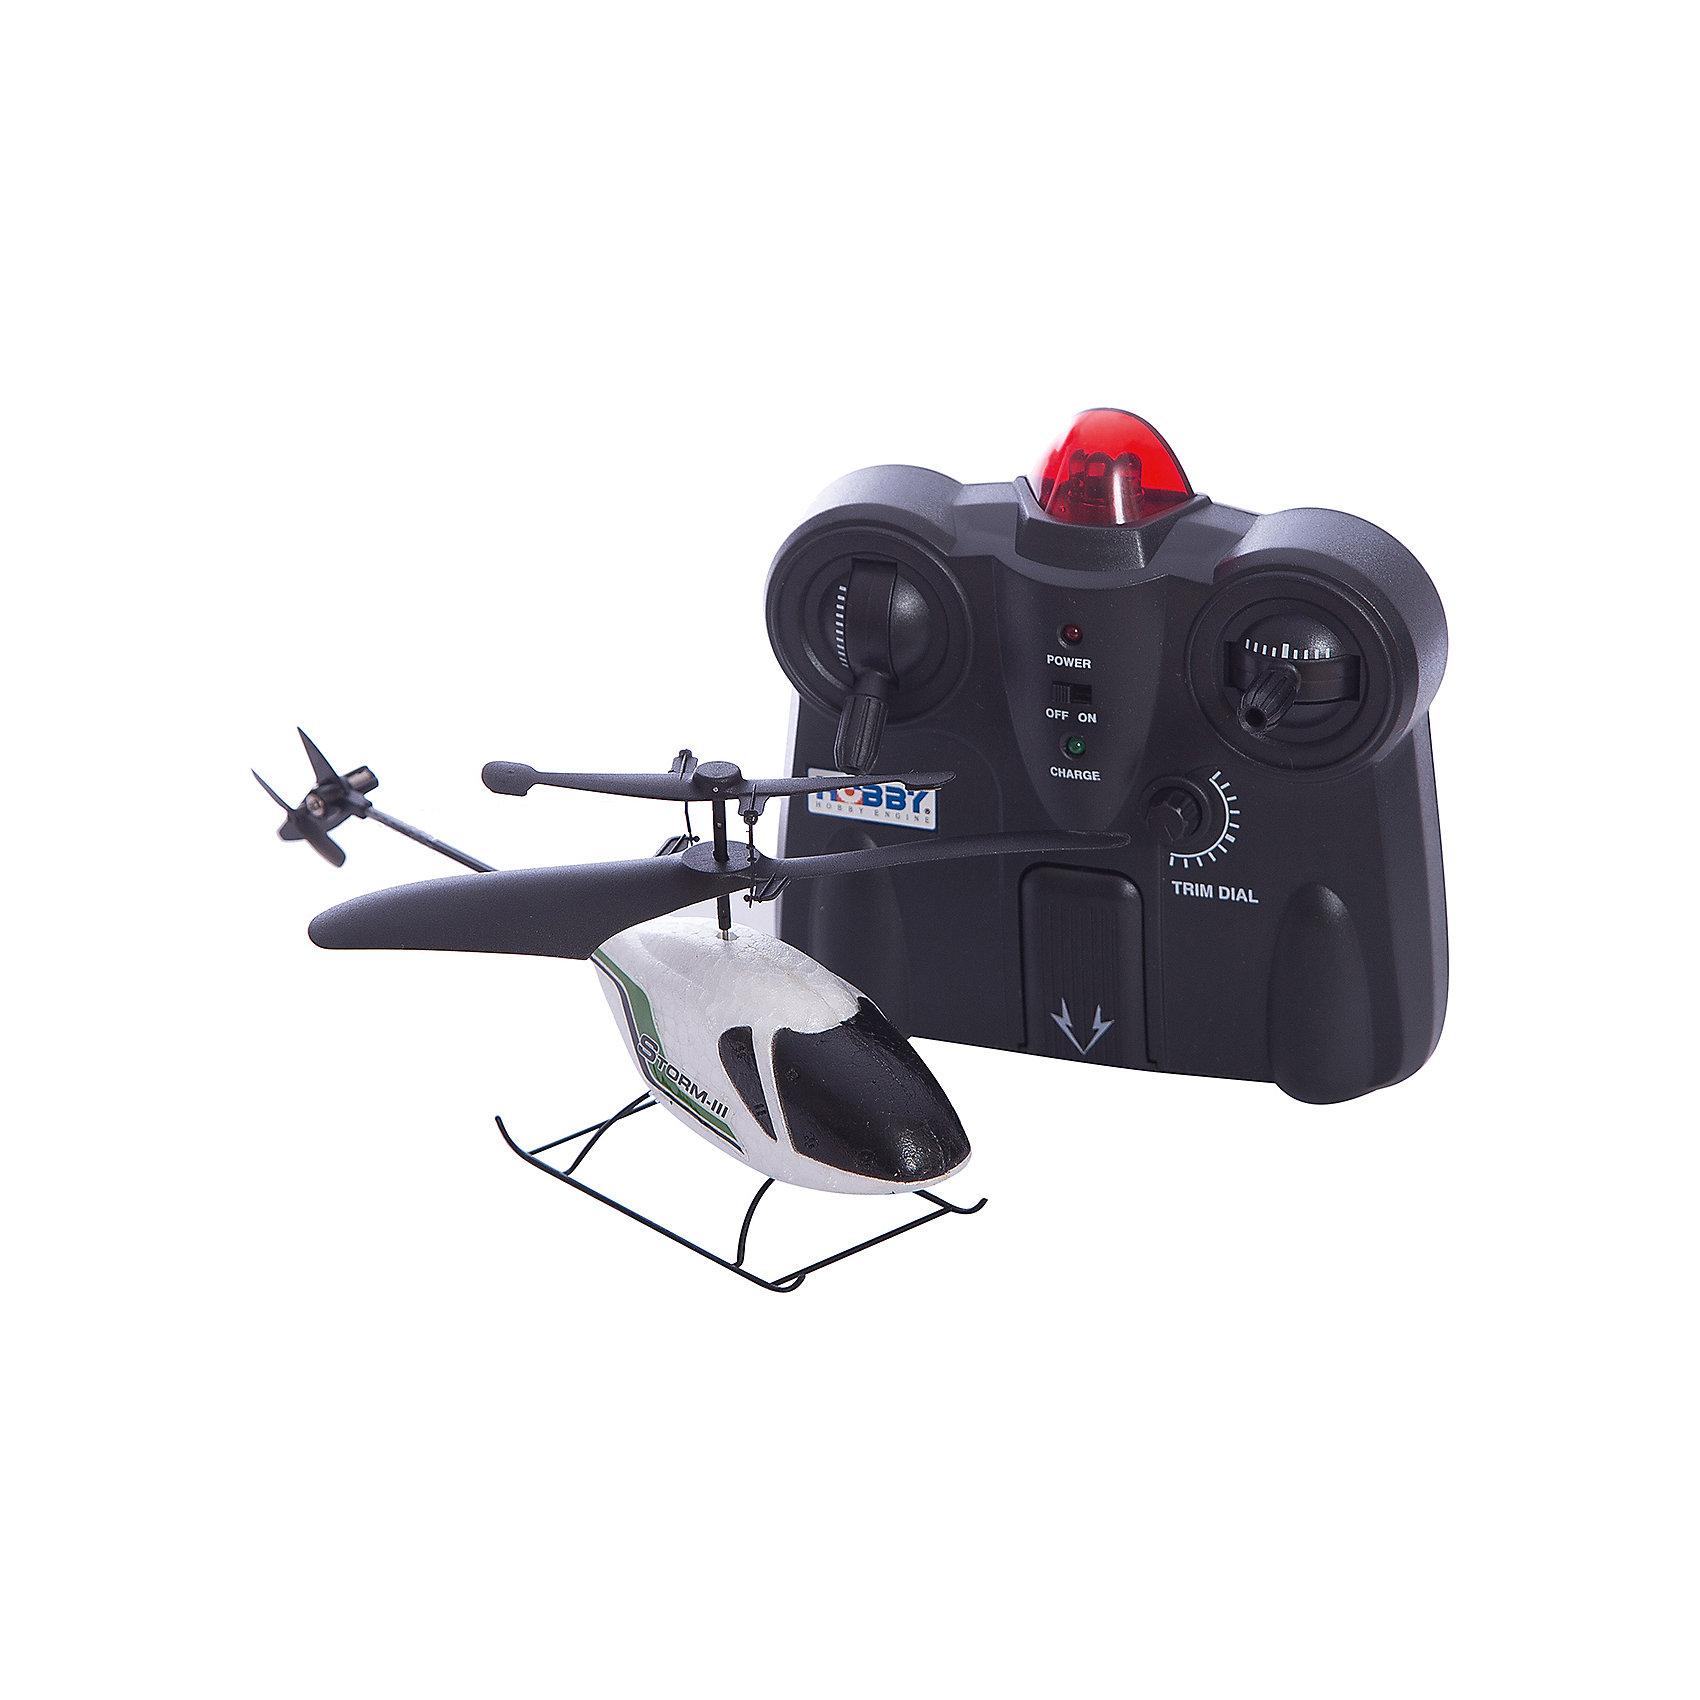 - Вертолет на р/у, Hobby Engine купить вертолет на пульте управления в костроме